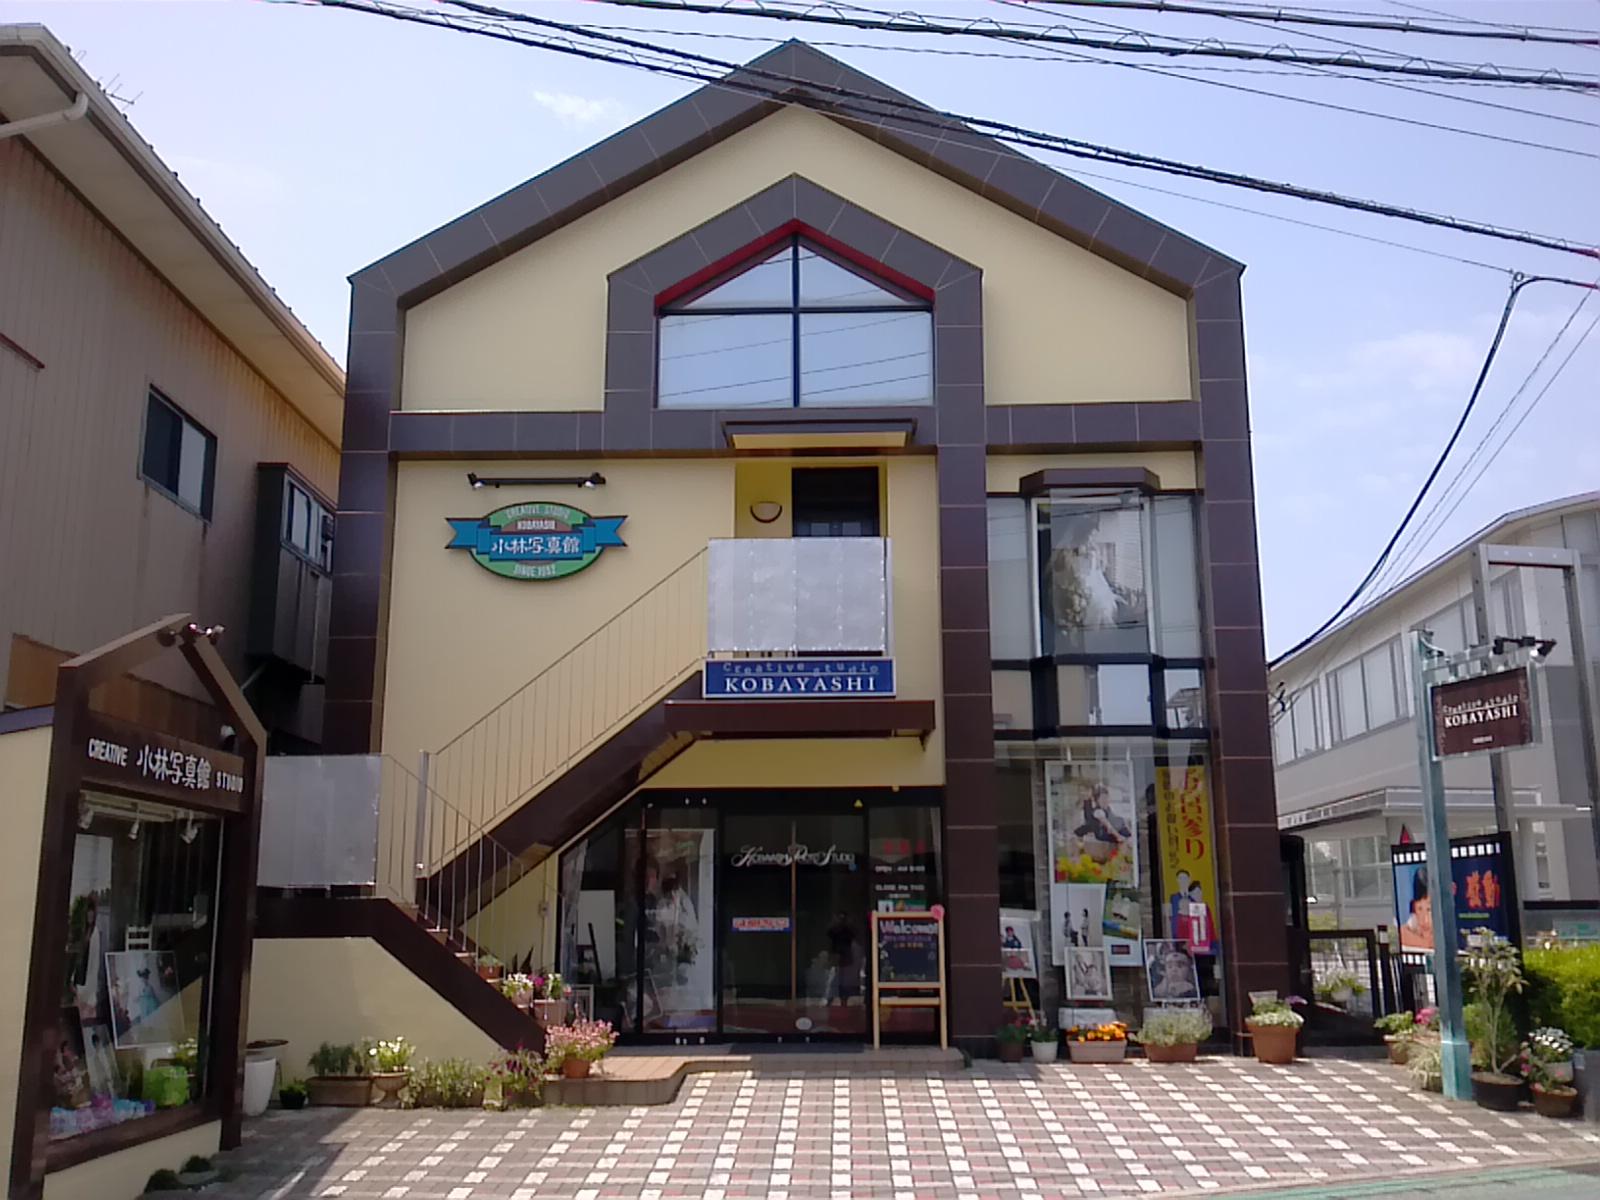 いすみ市小林写真館様 屋根・外壁塗装工事 After